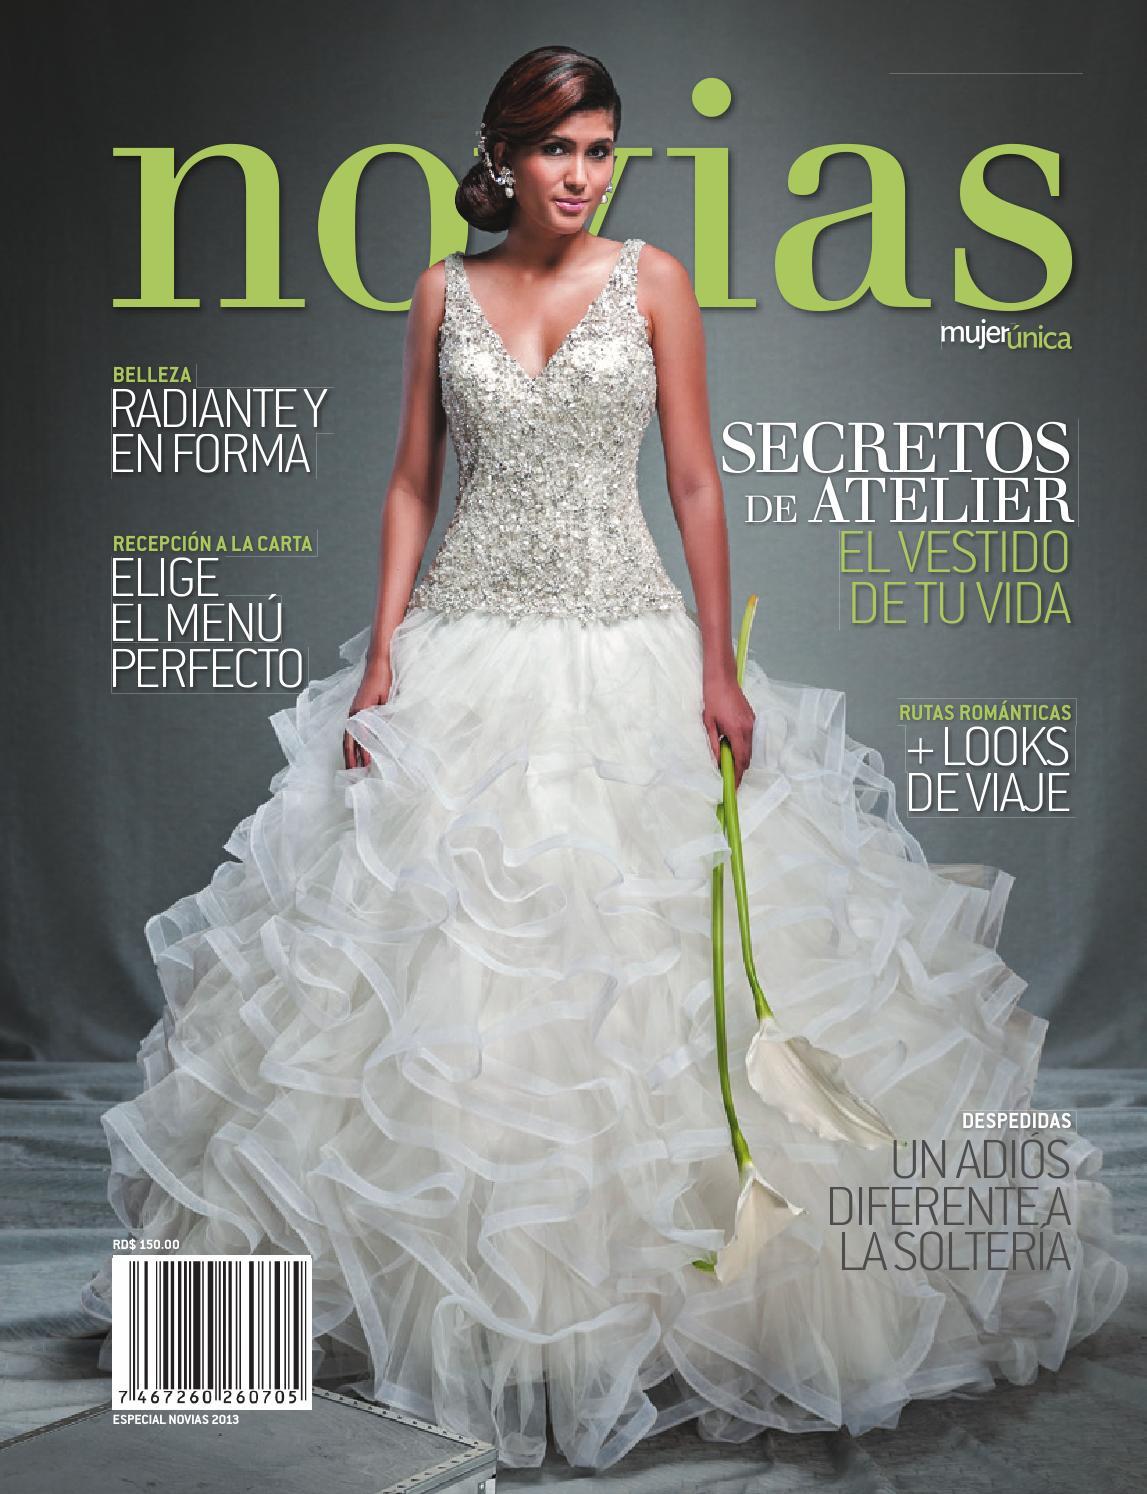 Novias 2013 by Grupo Diario Libre, S. A. - issuu